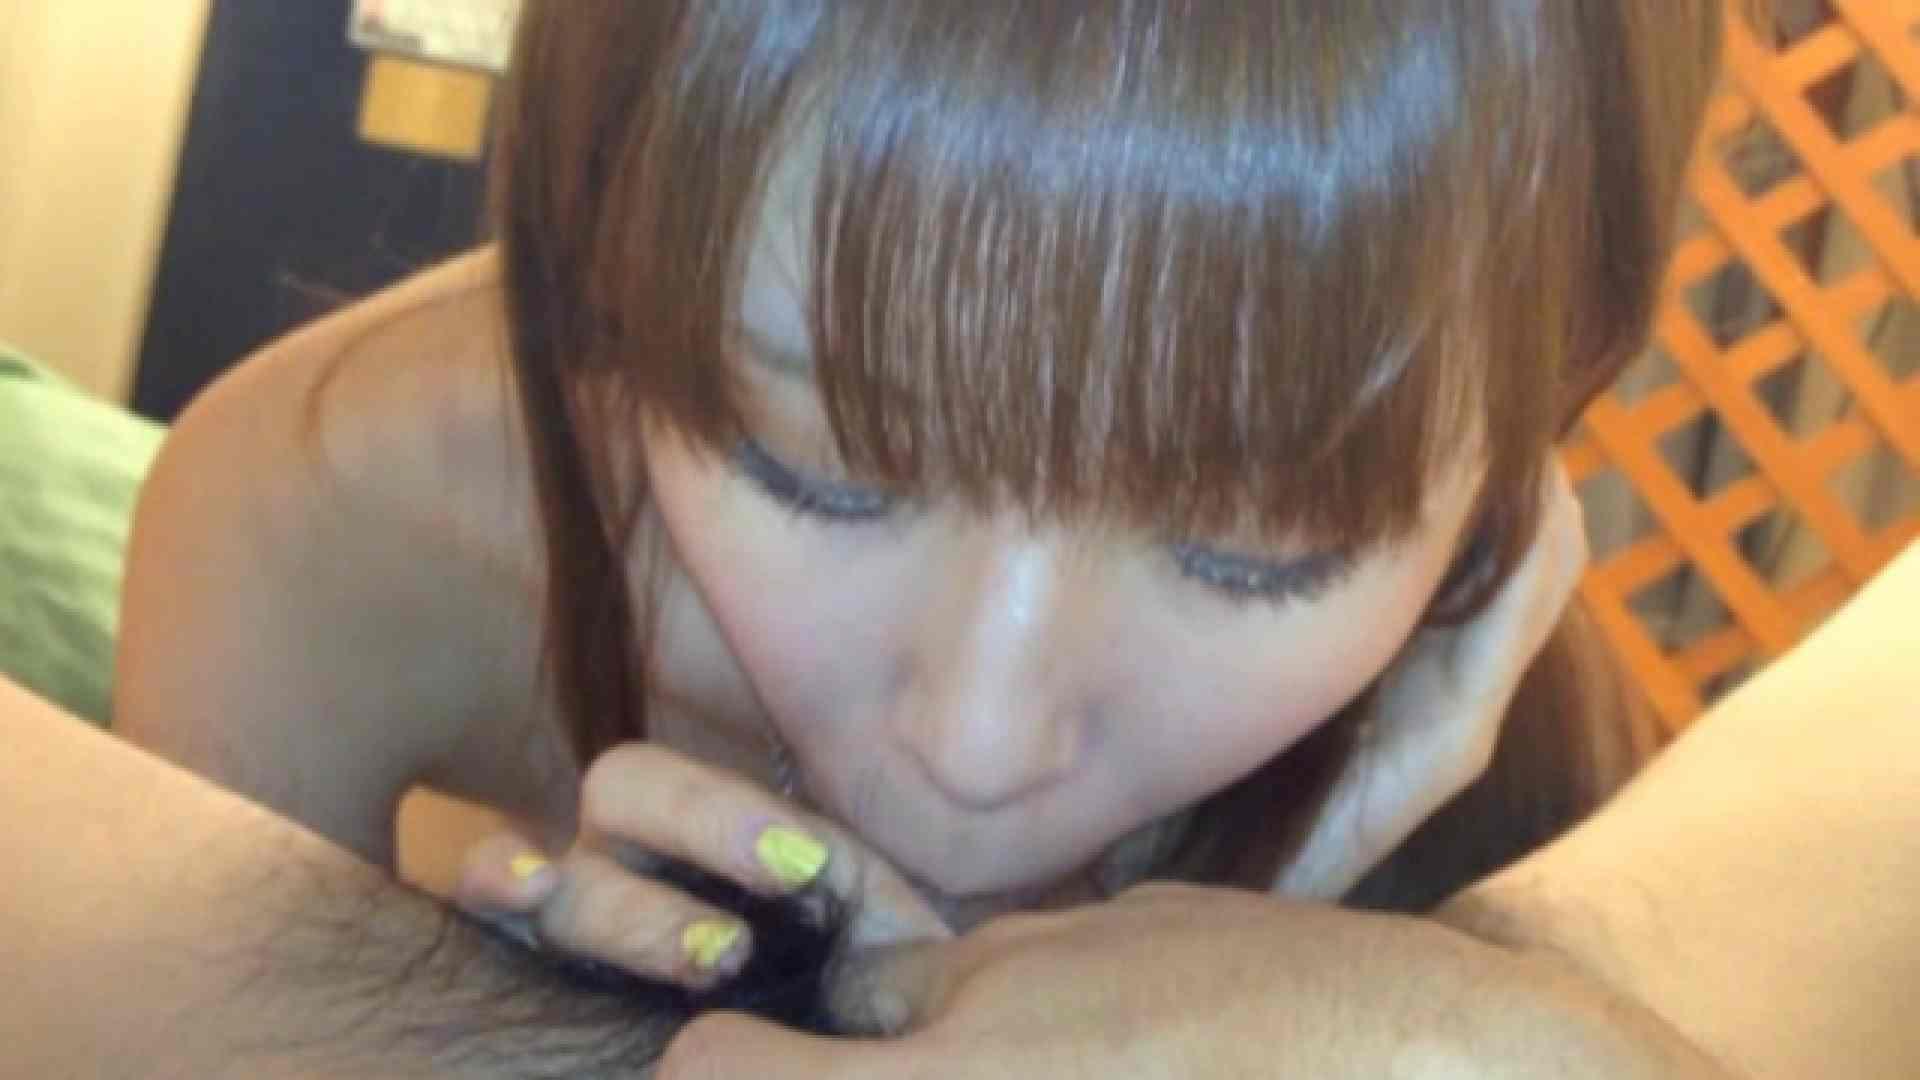 ドラゴン2世 チャラ男の個人撮影 Vol.17 超かわいい彼女 ゆいか 18才 Part.08 綺麗なOLたち  71枚 4